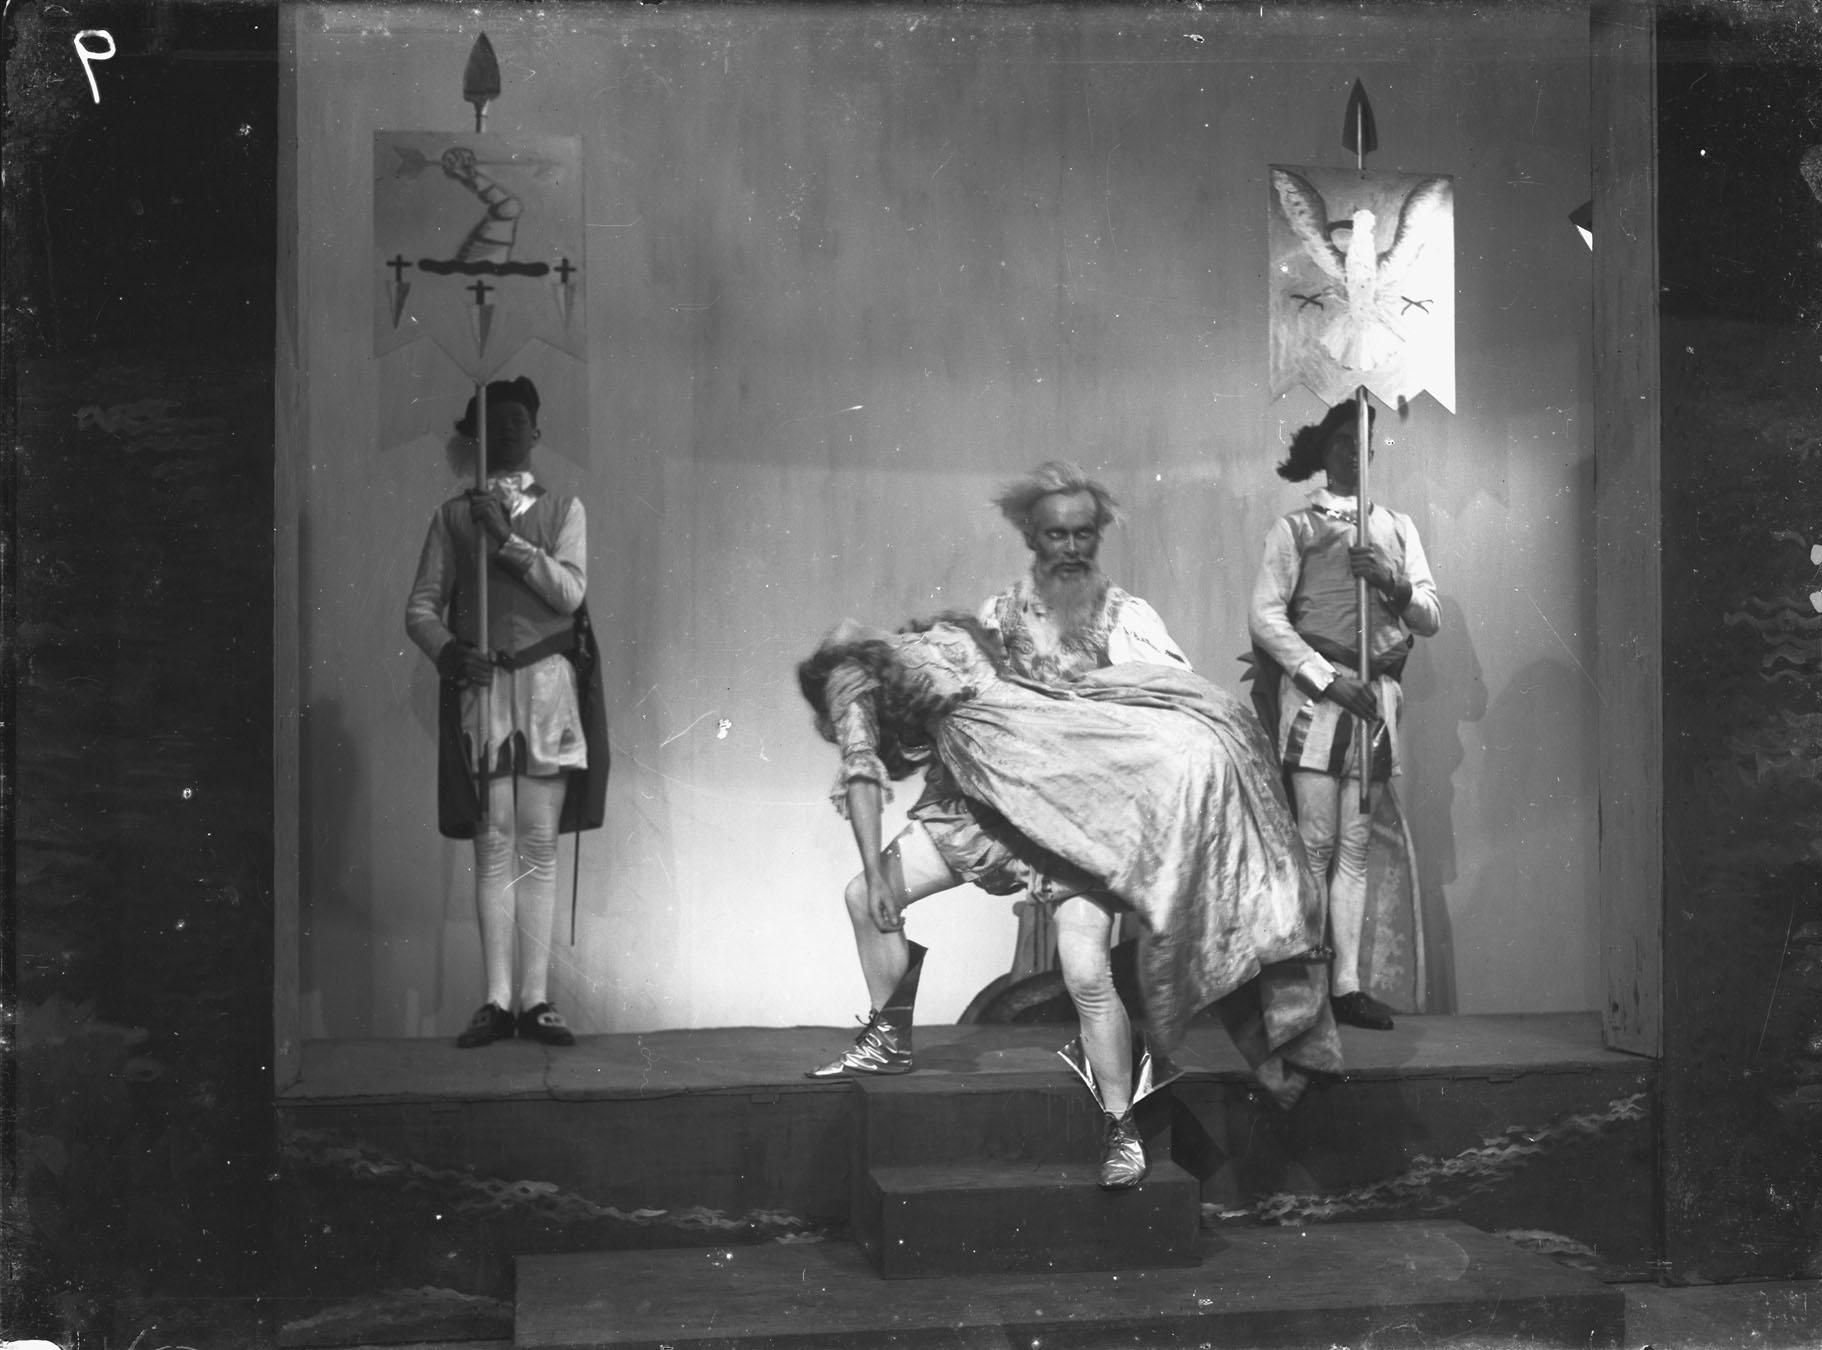 King Lear, 1921 (KCAS/37/1929/1 photograph KL 29)